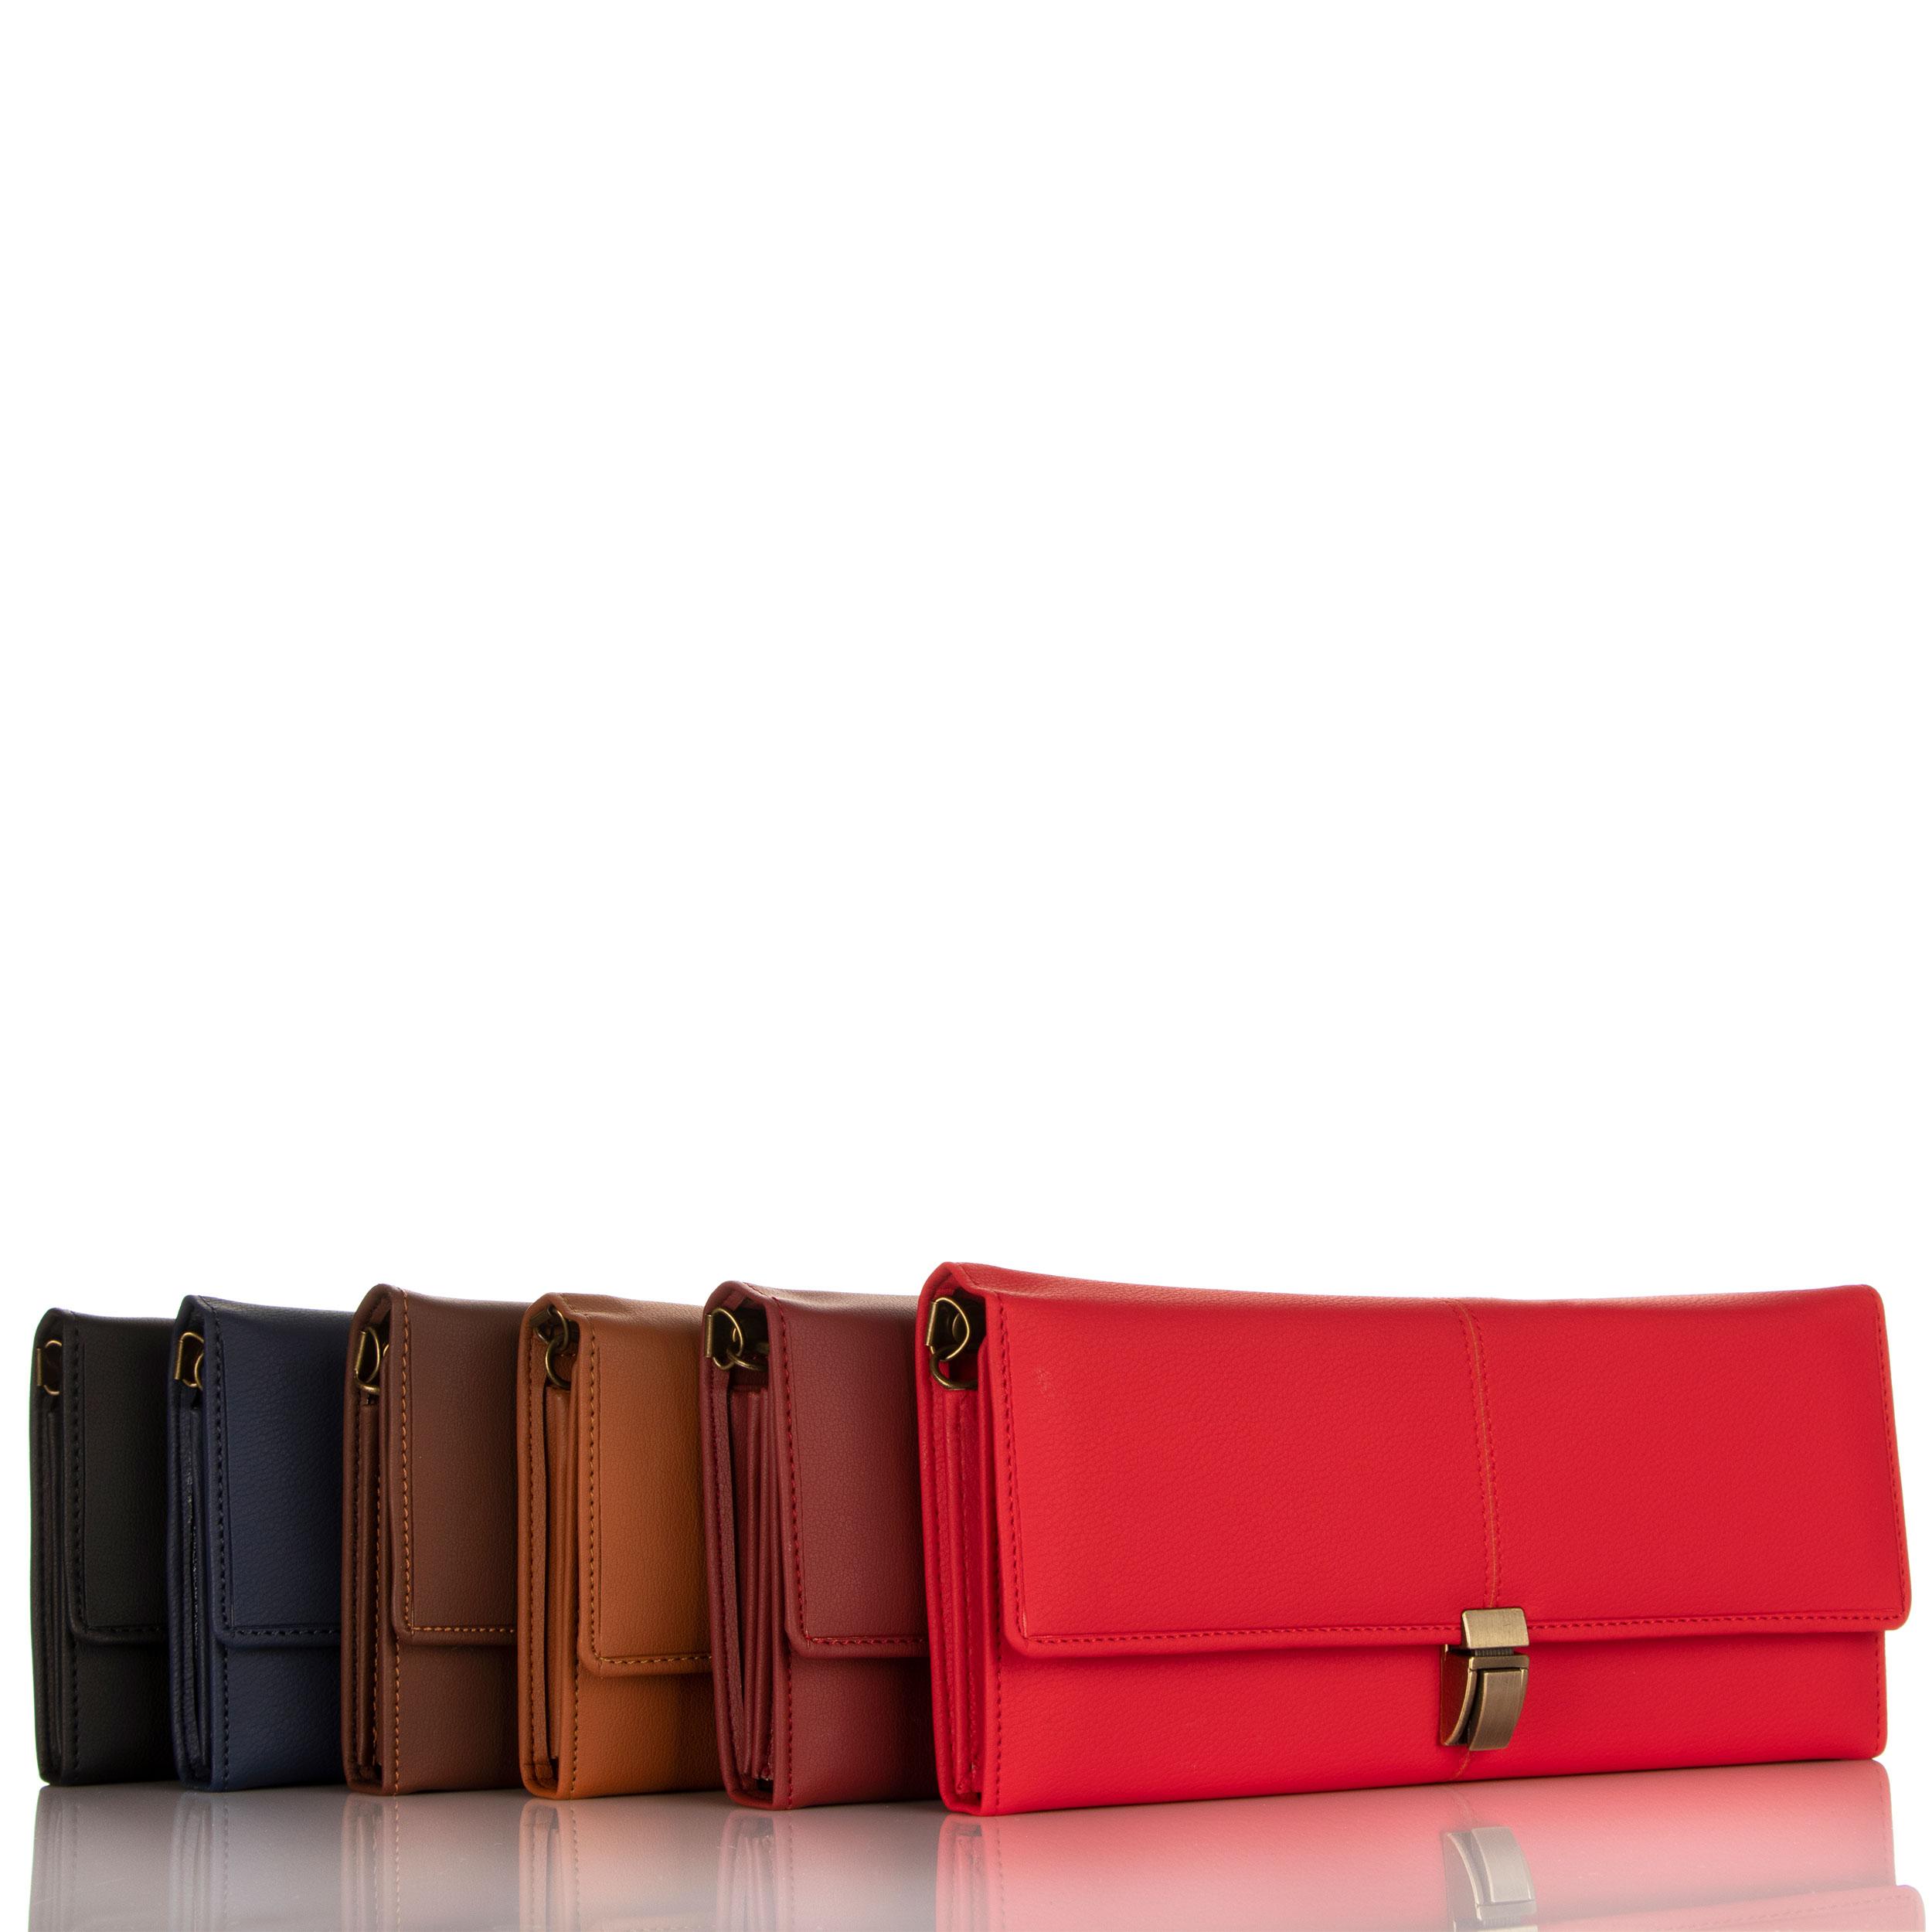 کیف دستی مدل mb0037 main 1 12